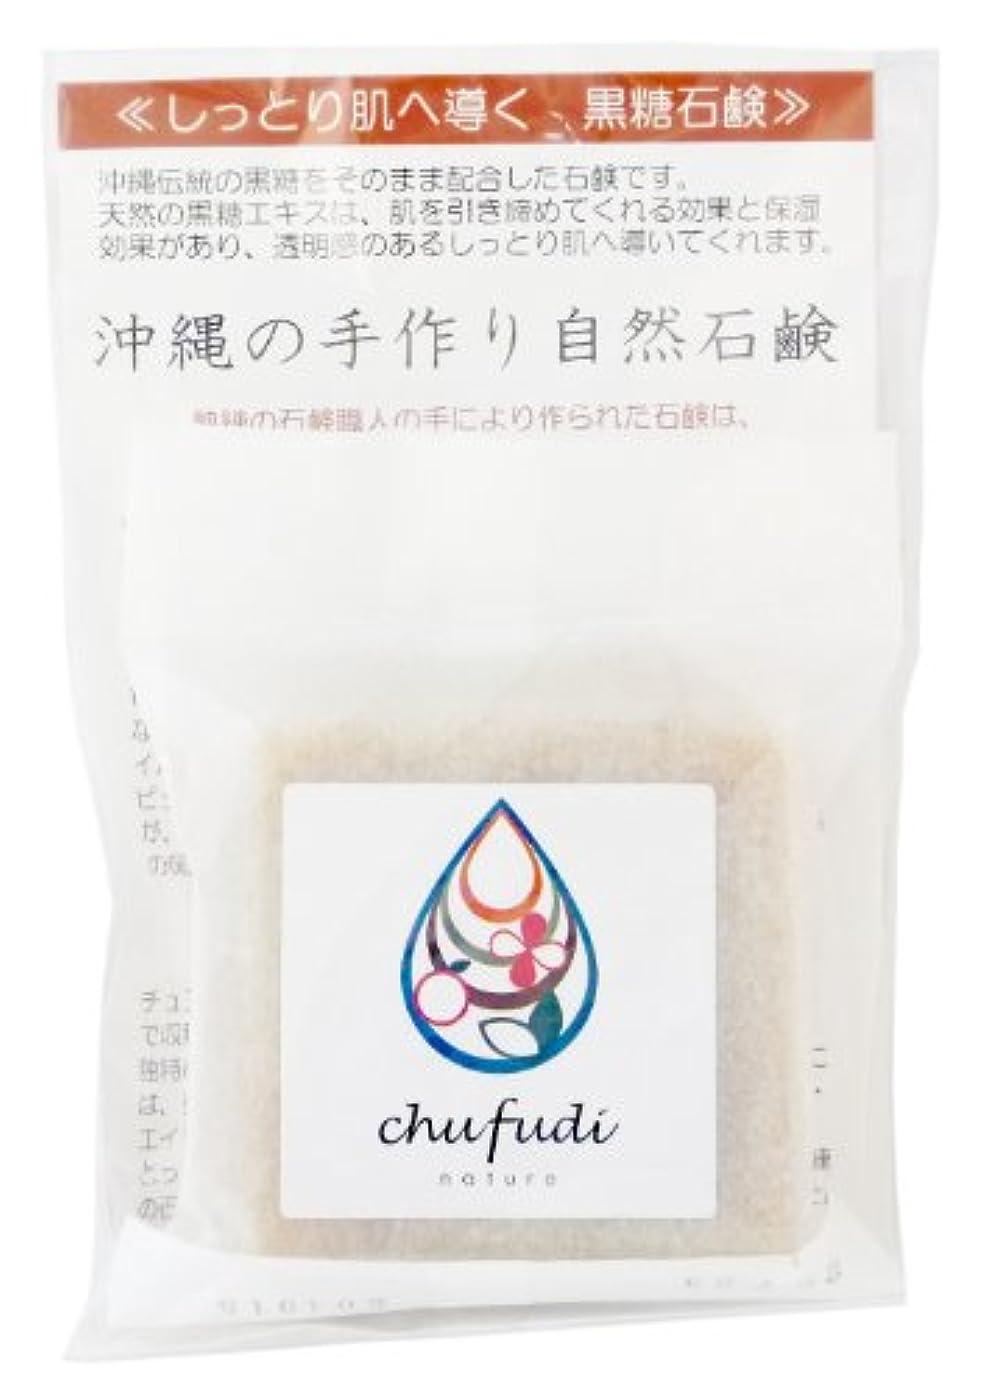 ズーム集まる出くわすチュフディ ナチュール しっとり肌へ導く 沖縄原産 黒糖石鹸